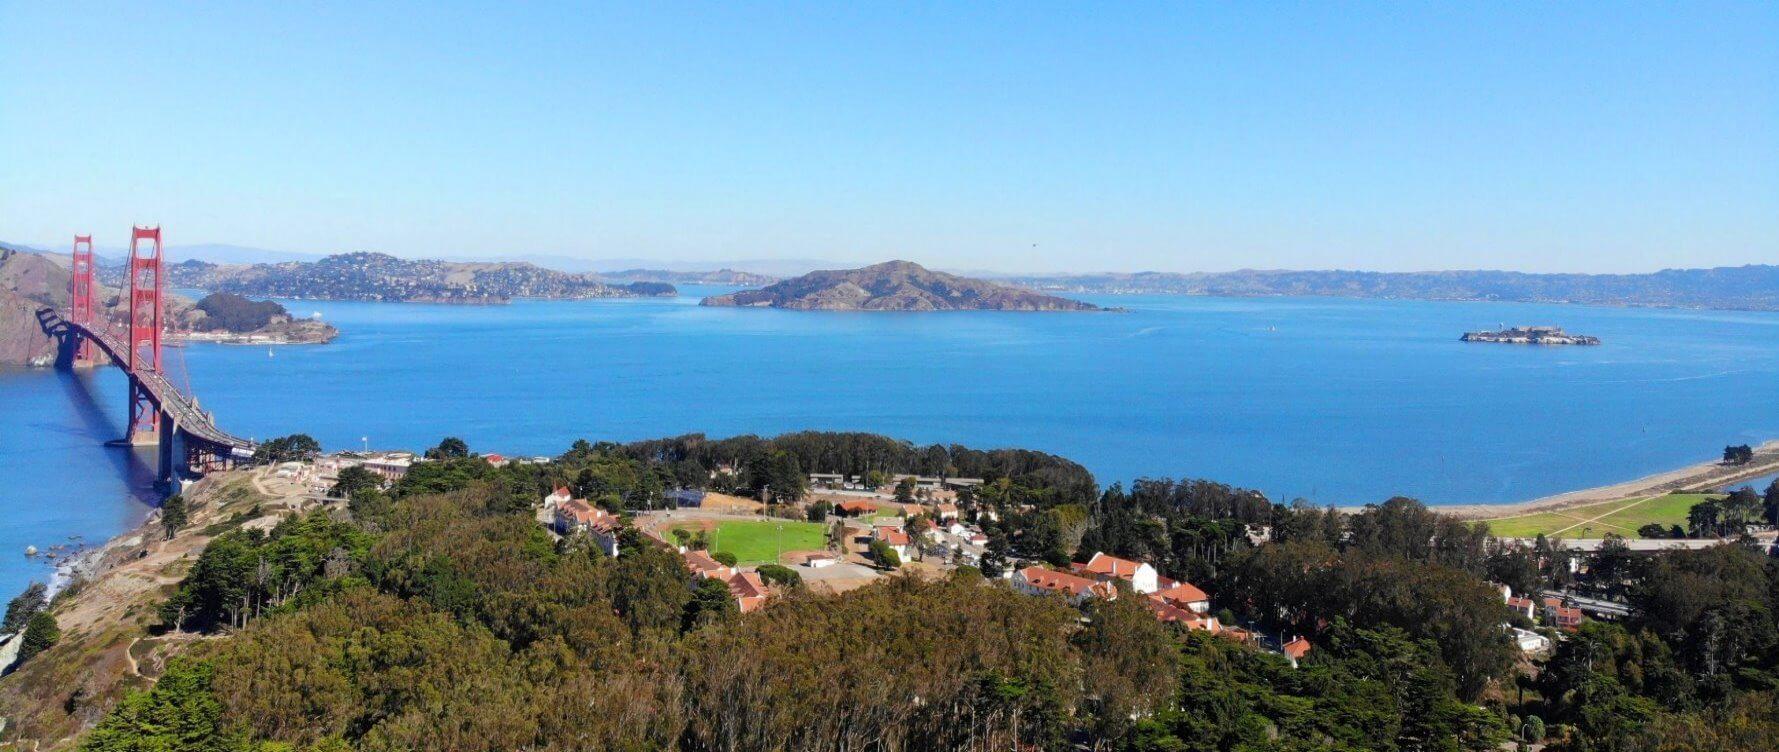 visit-san-francisco-top-sights-attractions-golden-gate-bridge-seaplane-air-tour